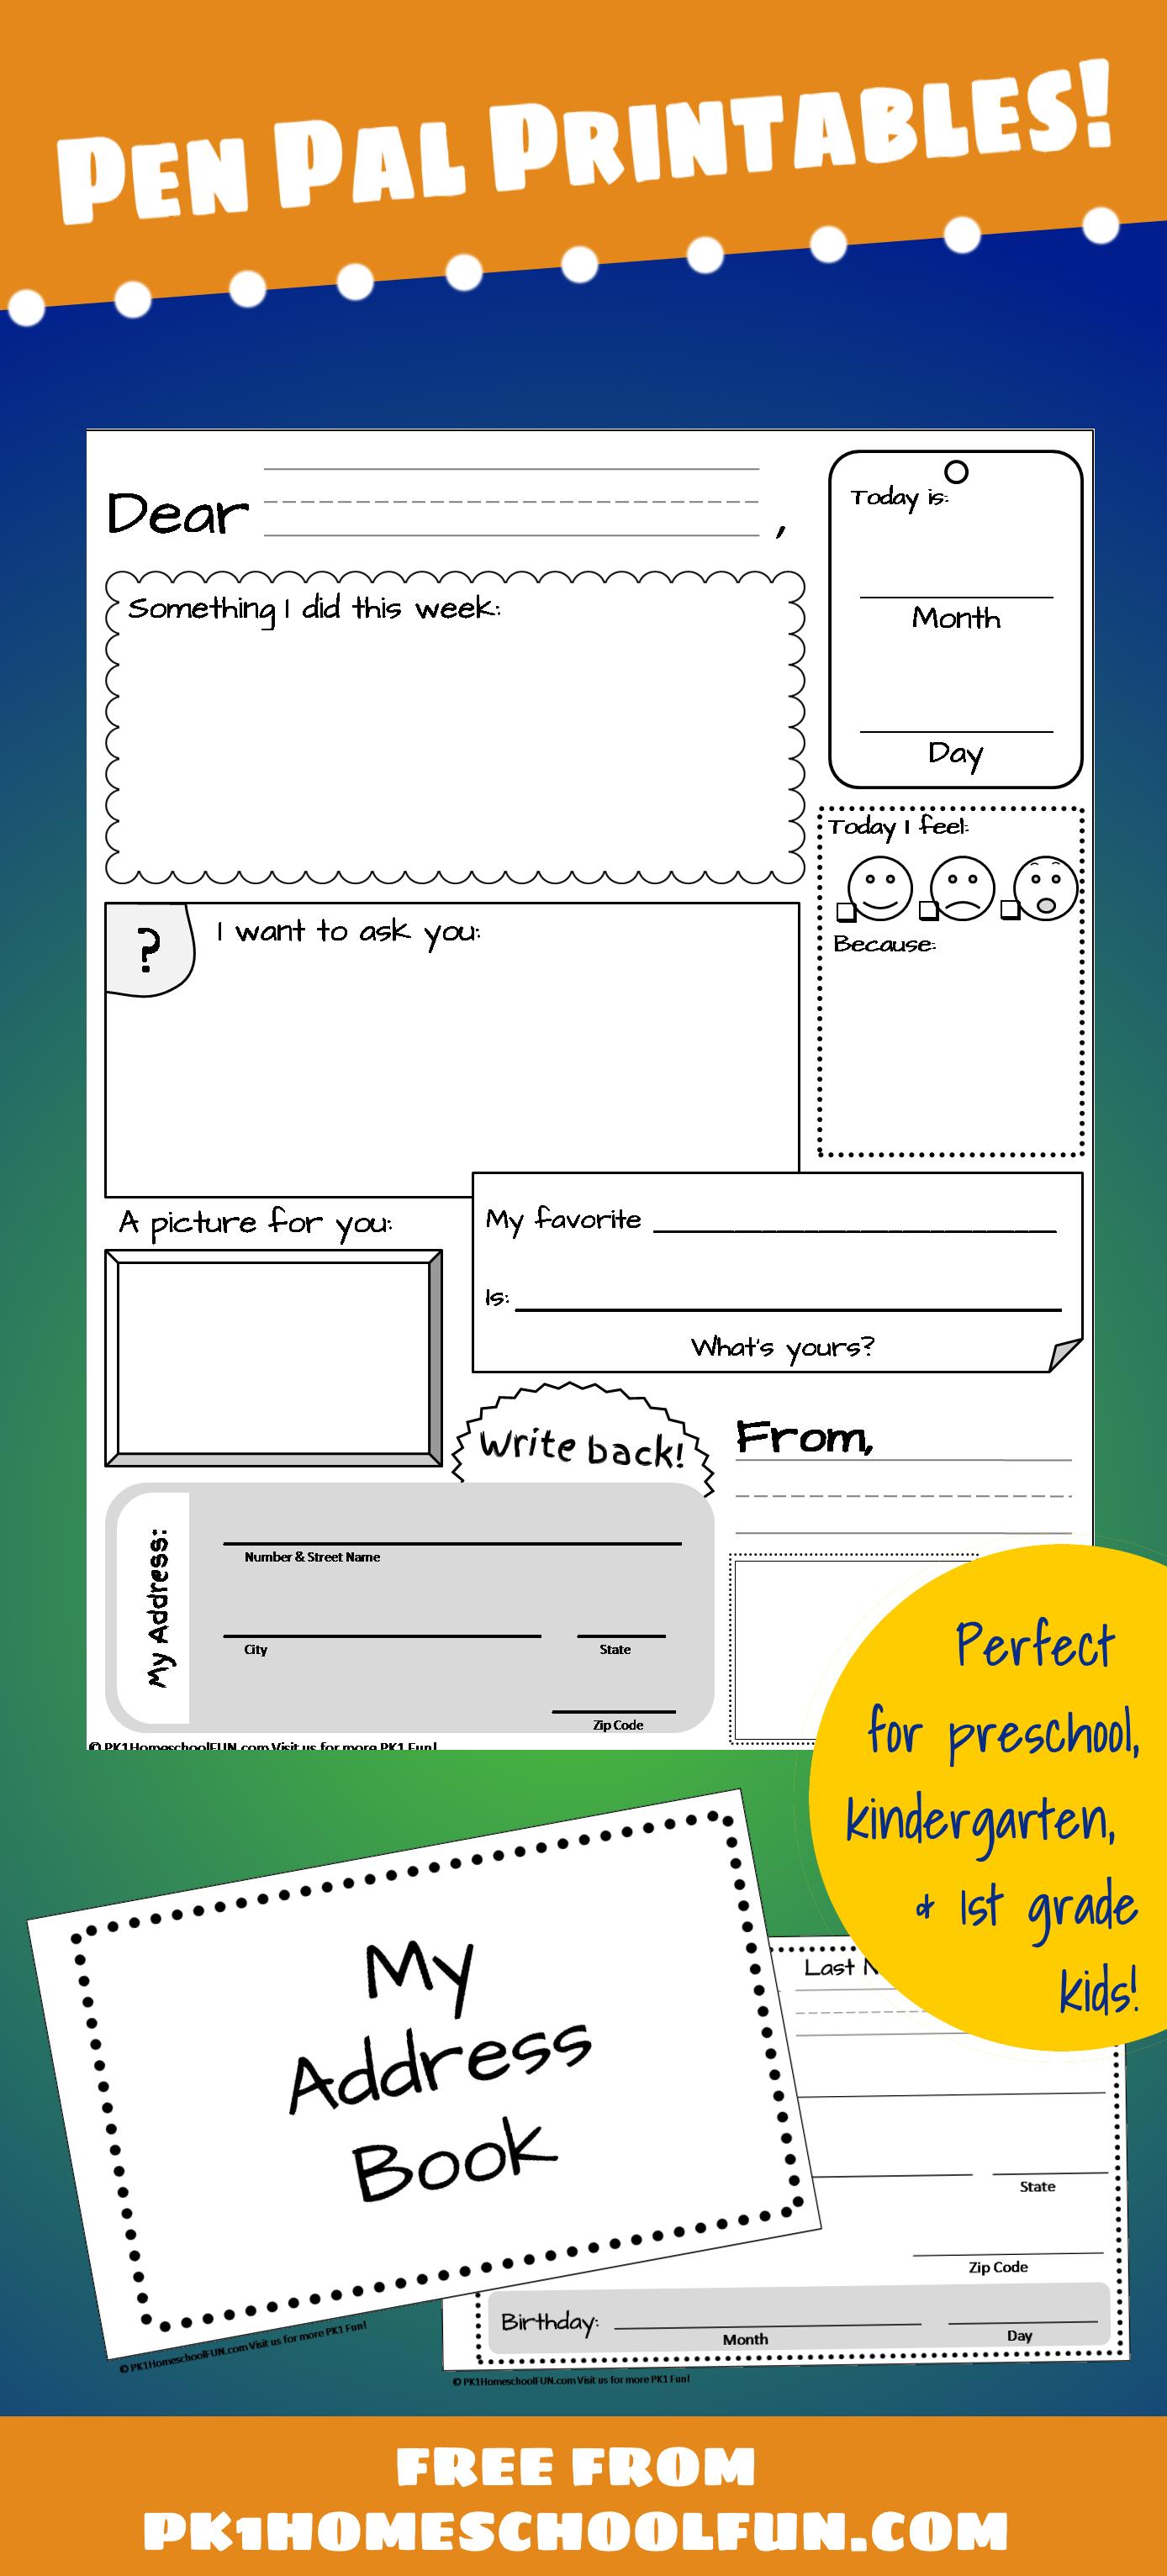 Free Pen Pal Printables For Kids  Pen Pal Ideas  Snail Mail Pen Inside Pen Pal Letter Template